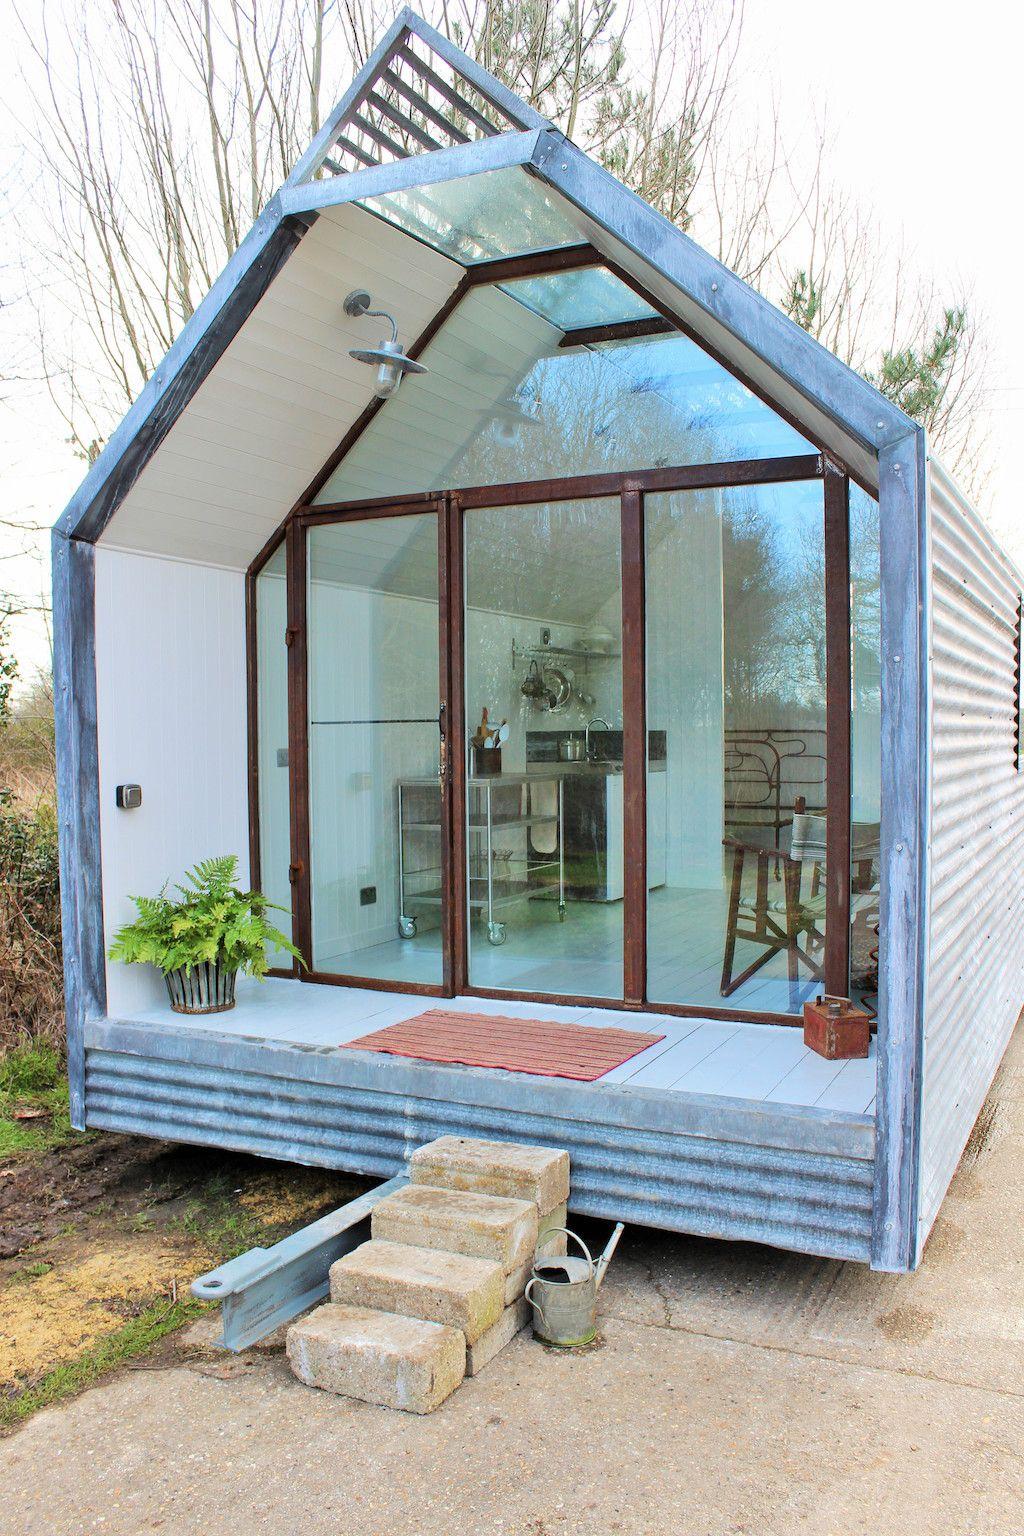 Contemporary Shepherds Hut Plans Architecturaux